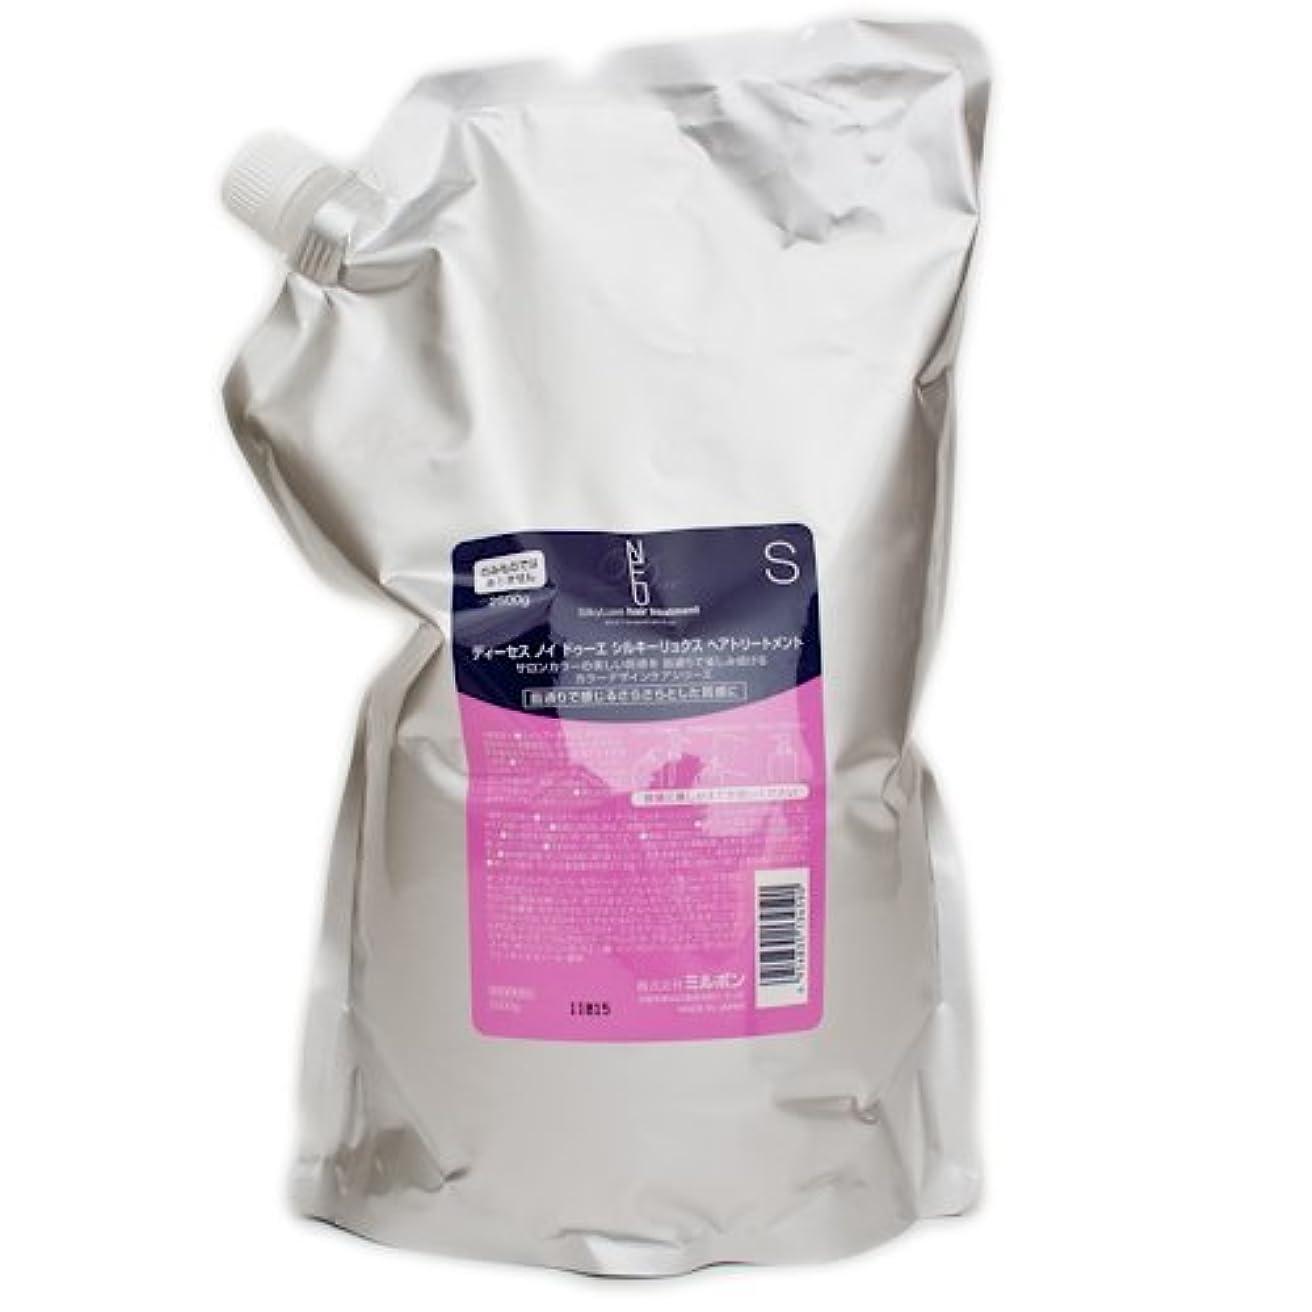 麦芽保持する小包ディーセス ノイ ドゥーエ シルキーリュクス ヘアトリートメント 2.5Kgパック